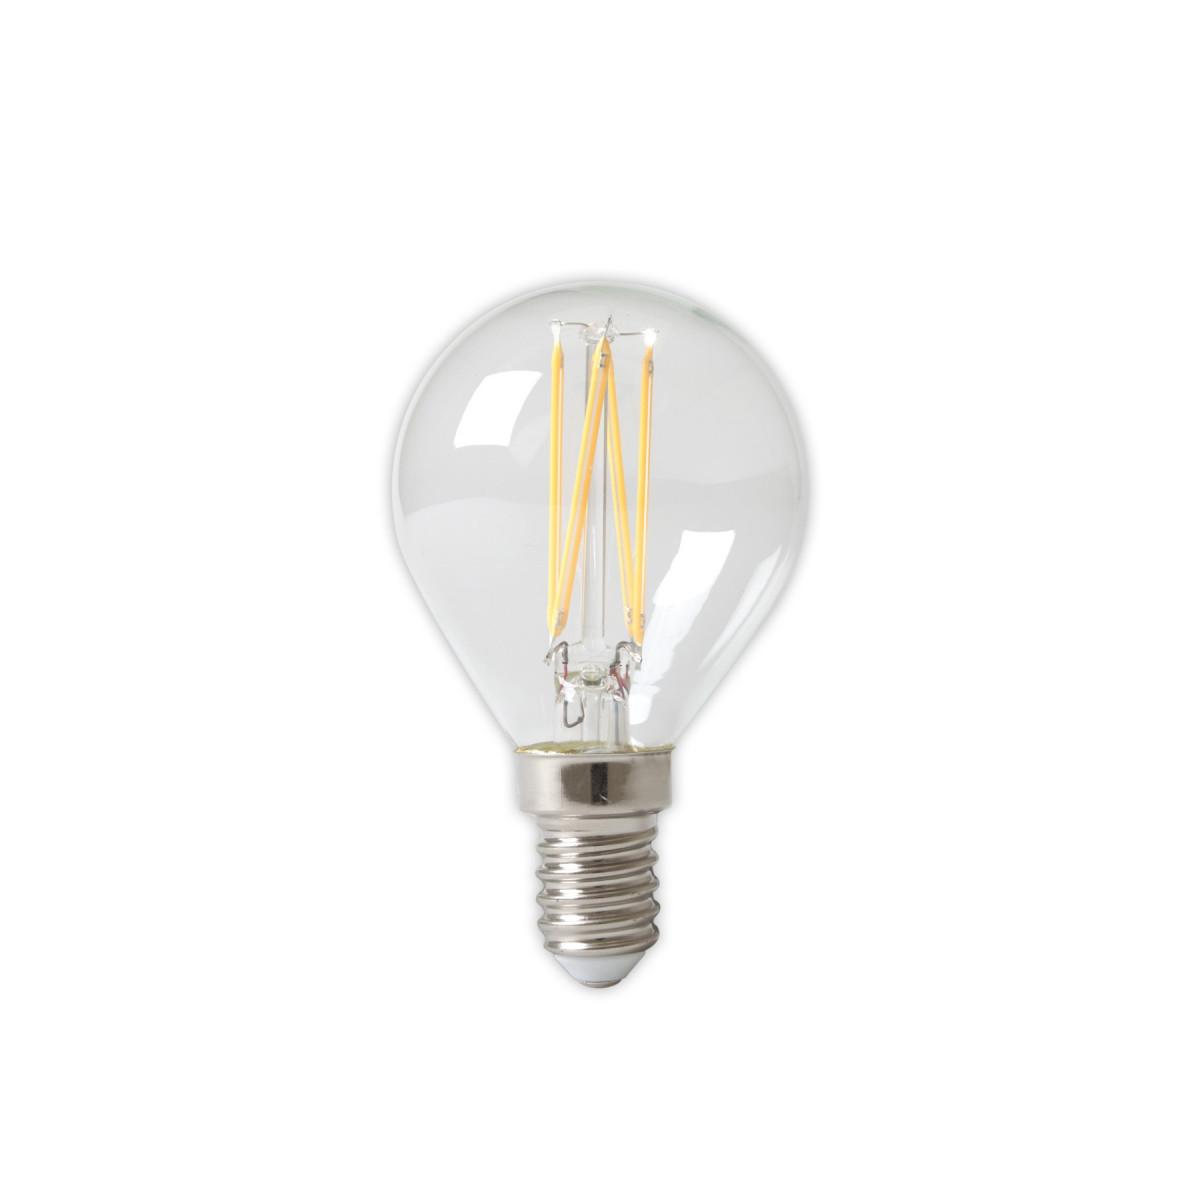 LED E14 Spherical lamp